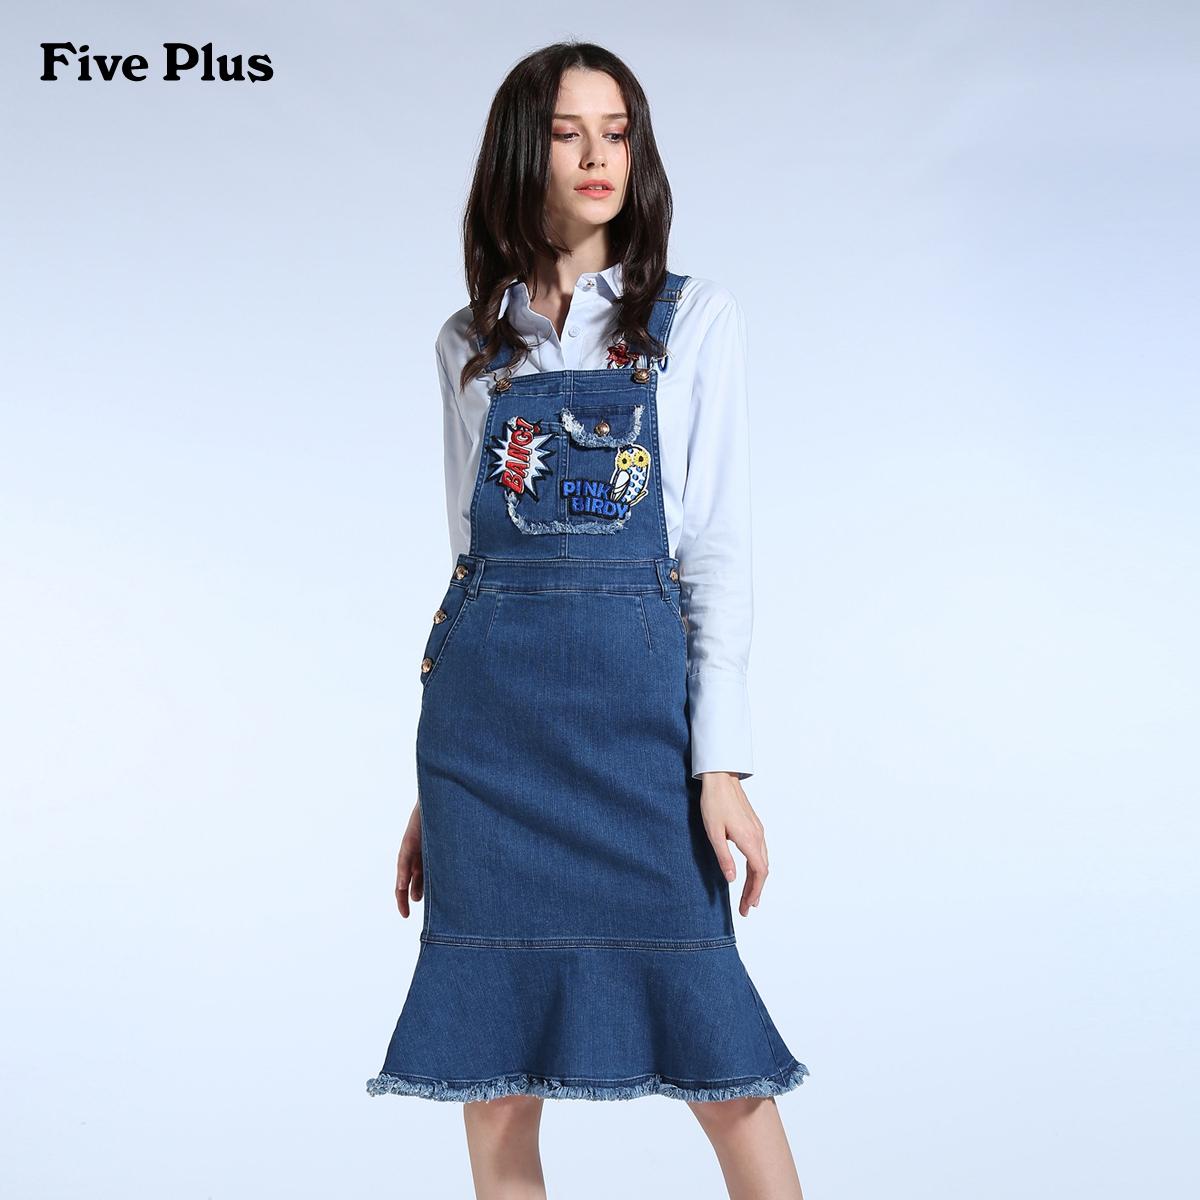 five plus新女装棉质刺绣图案流苏牛仔背带连衣裙2hm1085570商品图片图片